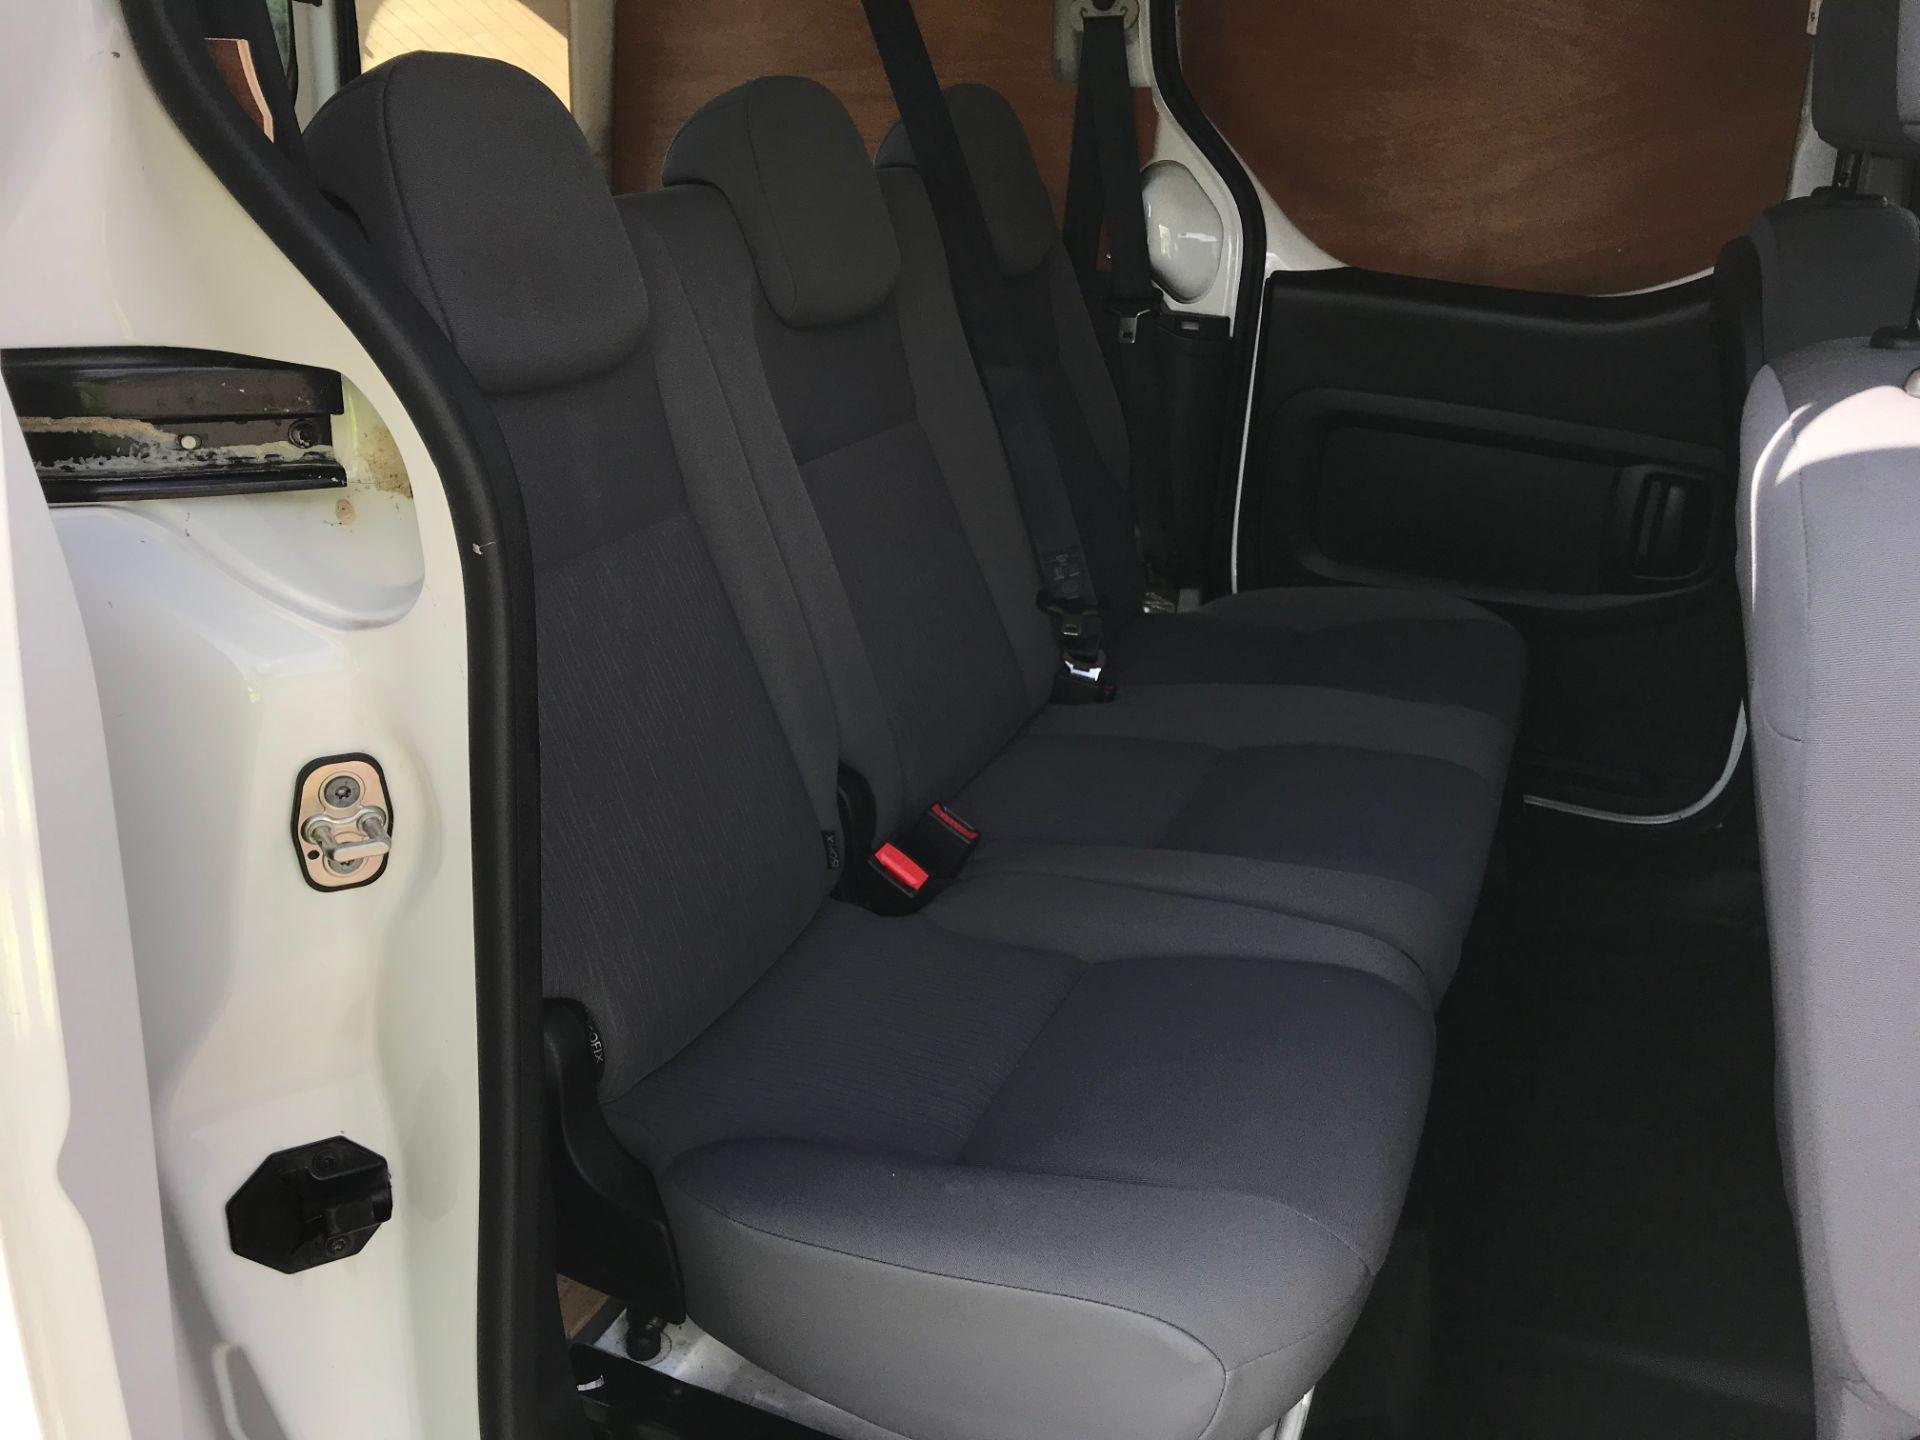 2015 Peugeot Partner 716 S 1.6 Hdi 92 Crew Van Euro 5 (NU15RWJ) Image 12